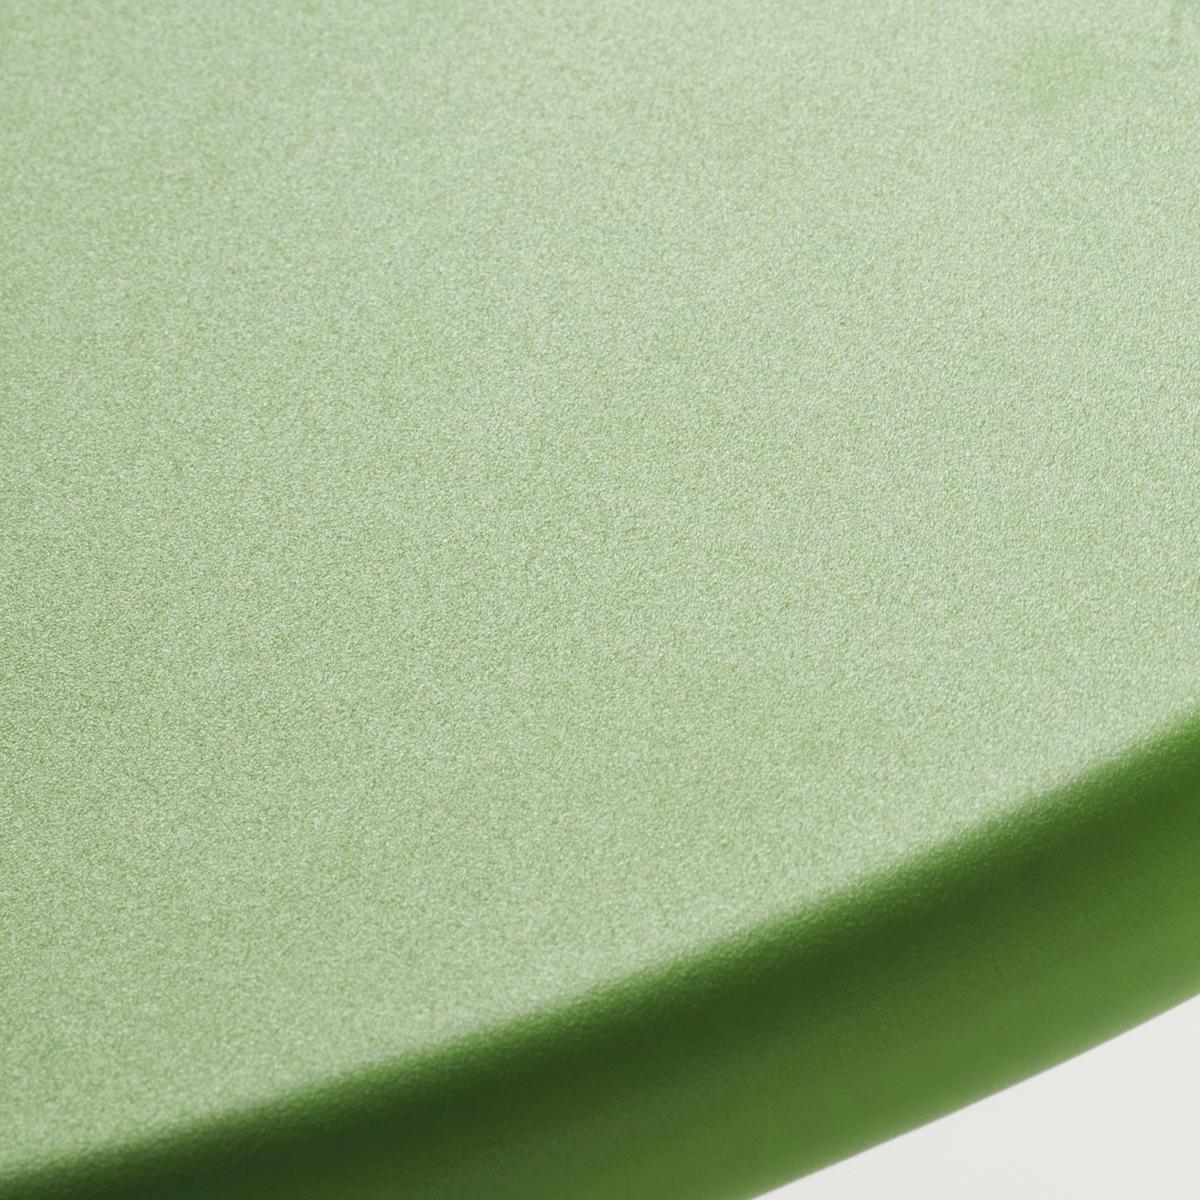 Круглый стол на одной ножке из кованой стали, MimmoОписание стола для сада Mimmo:Перфорированная стальХарактеристики стола для сада Mimmo:Разборный, из нержавеющей стали, покрытие эпоксидной краскойСделано в ИталииВсю коллекцию Mimmo вы можете найти на сайте laredoute.ruРазмеры стола для сада Mimmo:Диаметр : 60 смВысота : 75 смРазмер и вес с упаковкой :1 упаковка121 x 107 x 10 см, 7,5 кгДоставка:Продается в собранном виде.  Товар может быть доставлен до Вашей двери по предварительной договоренности!  Внимание! Убедитесь, что возможно осуществить доставку товара, учитывая  его габариты (проходит в дверные проемы, по лестницам в лифты).<br><br>Цвет: зеленый